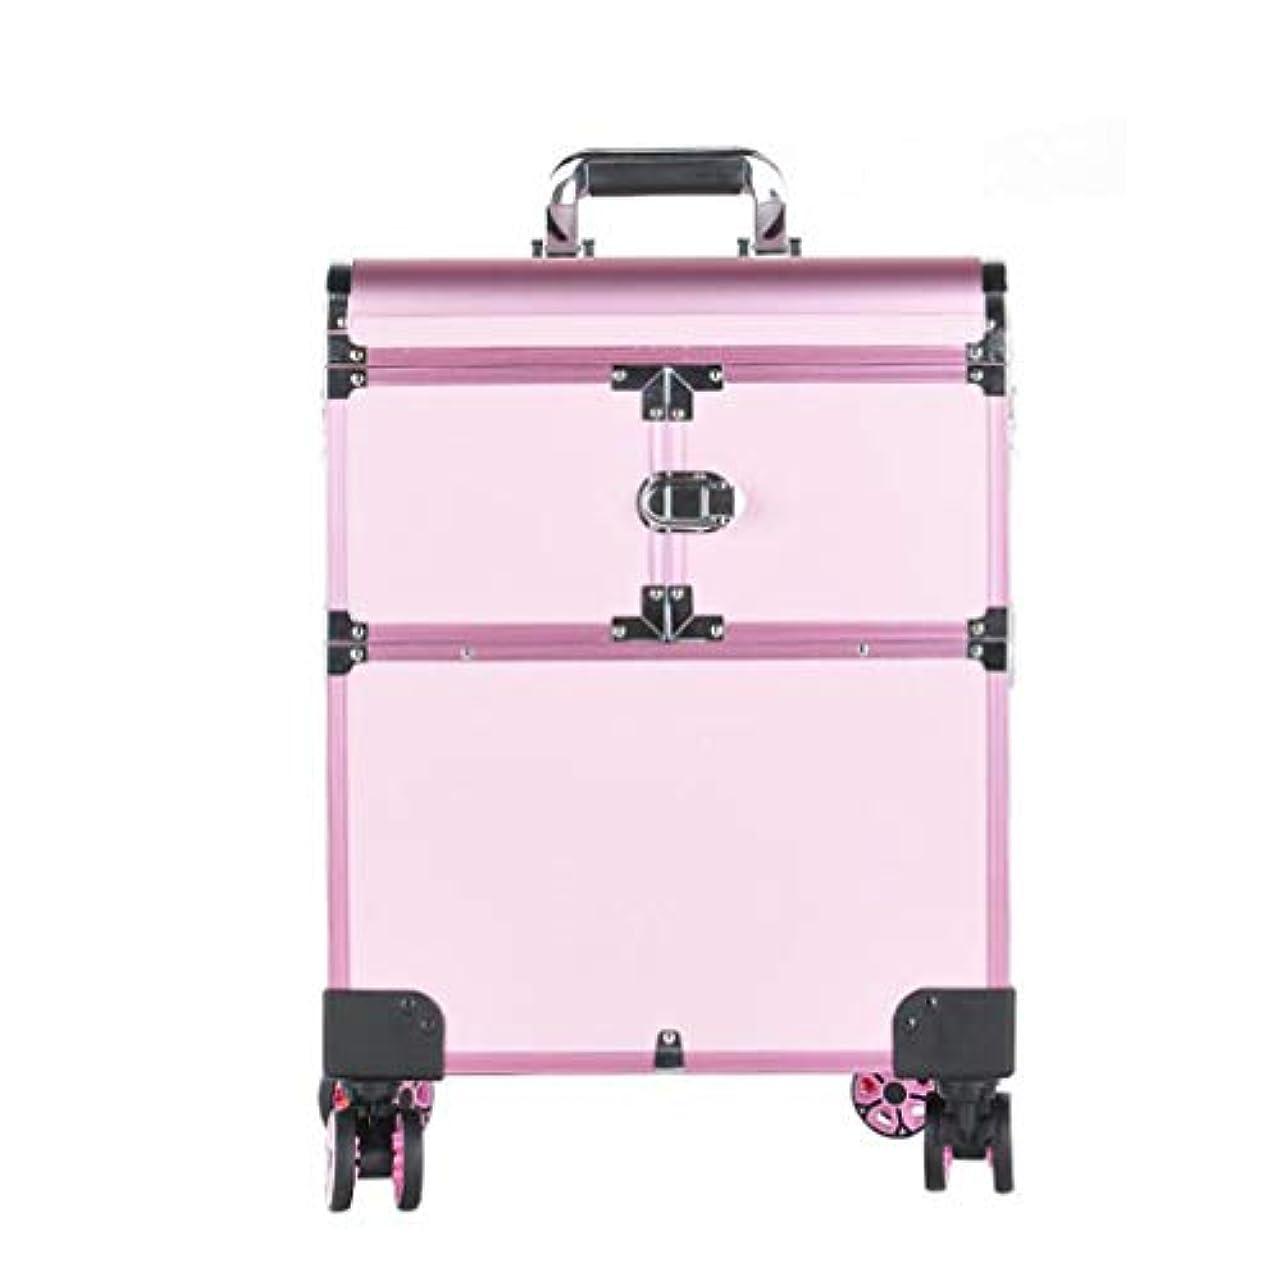 誠実乳犯すBUMC 特大化粧列車化粧トロリーケース、多層大容量プロフェッショナル化粧品ポータブルレバーオーガナイザー収納ビューティーボックス,Pink